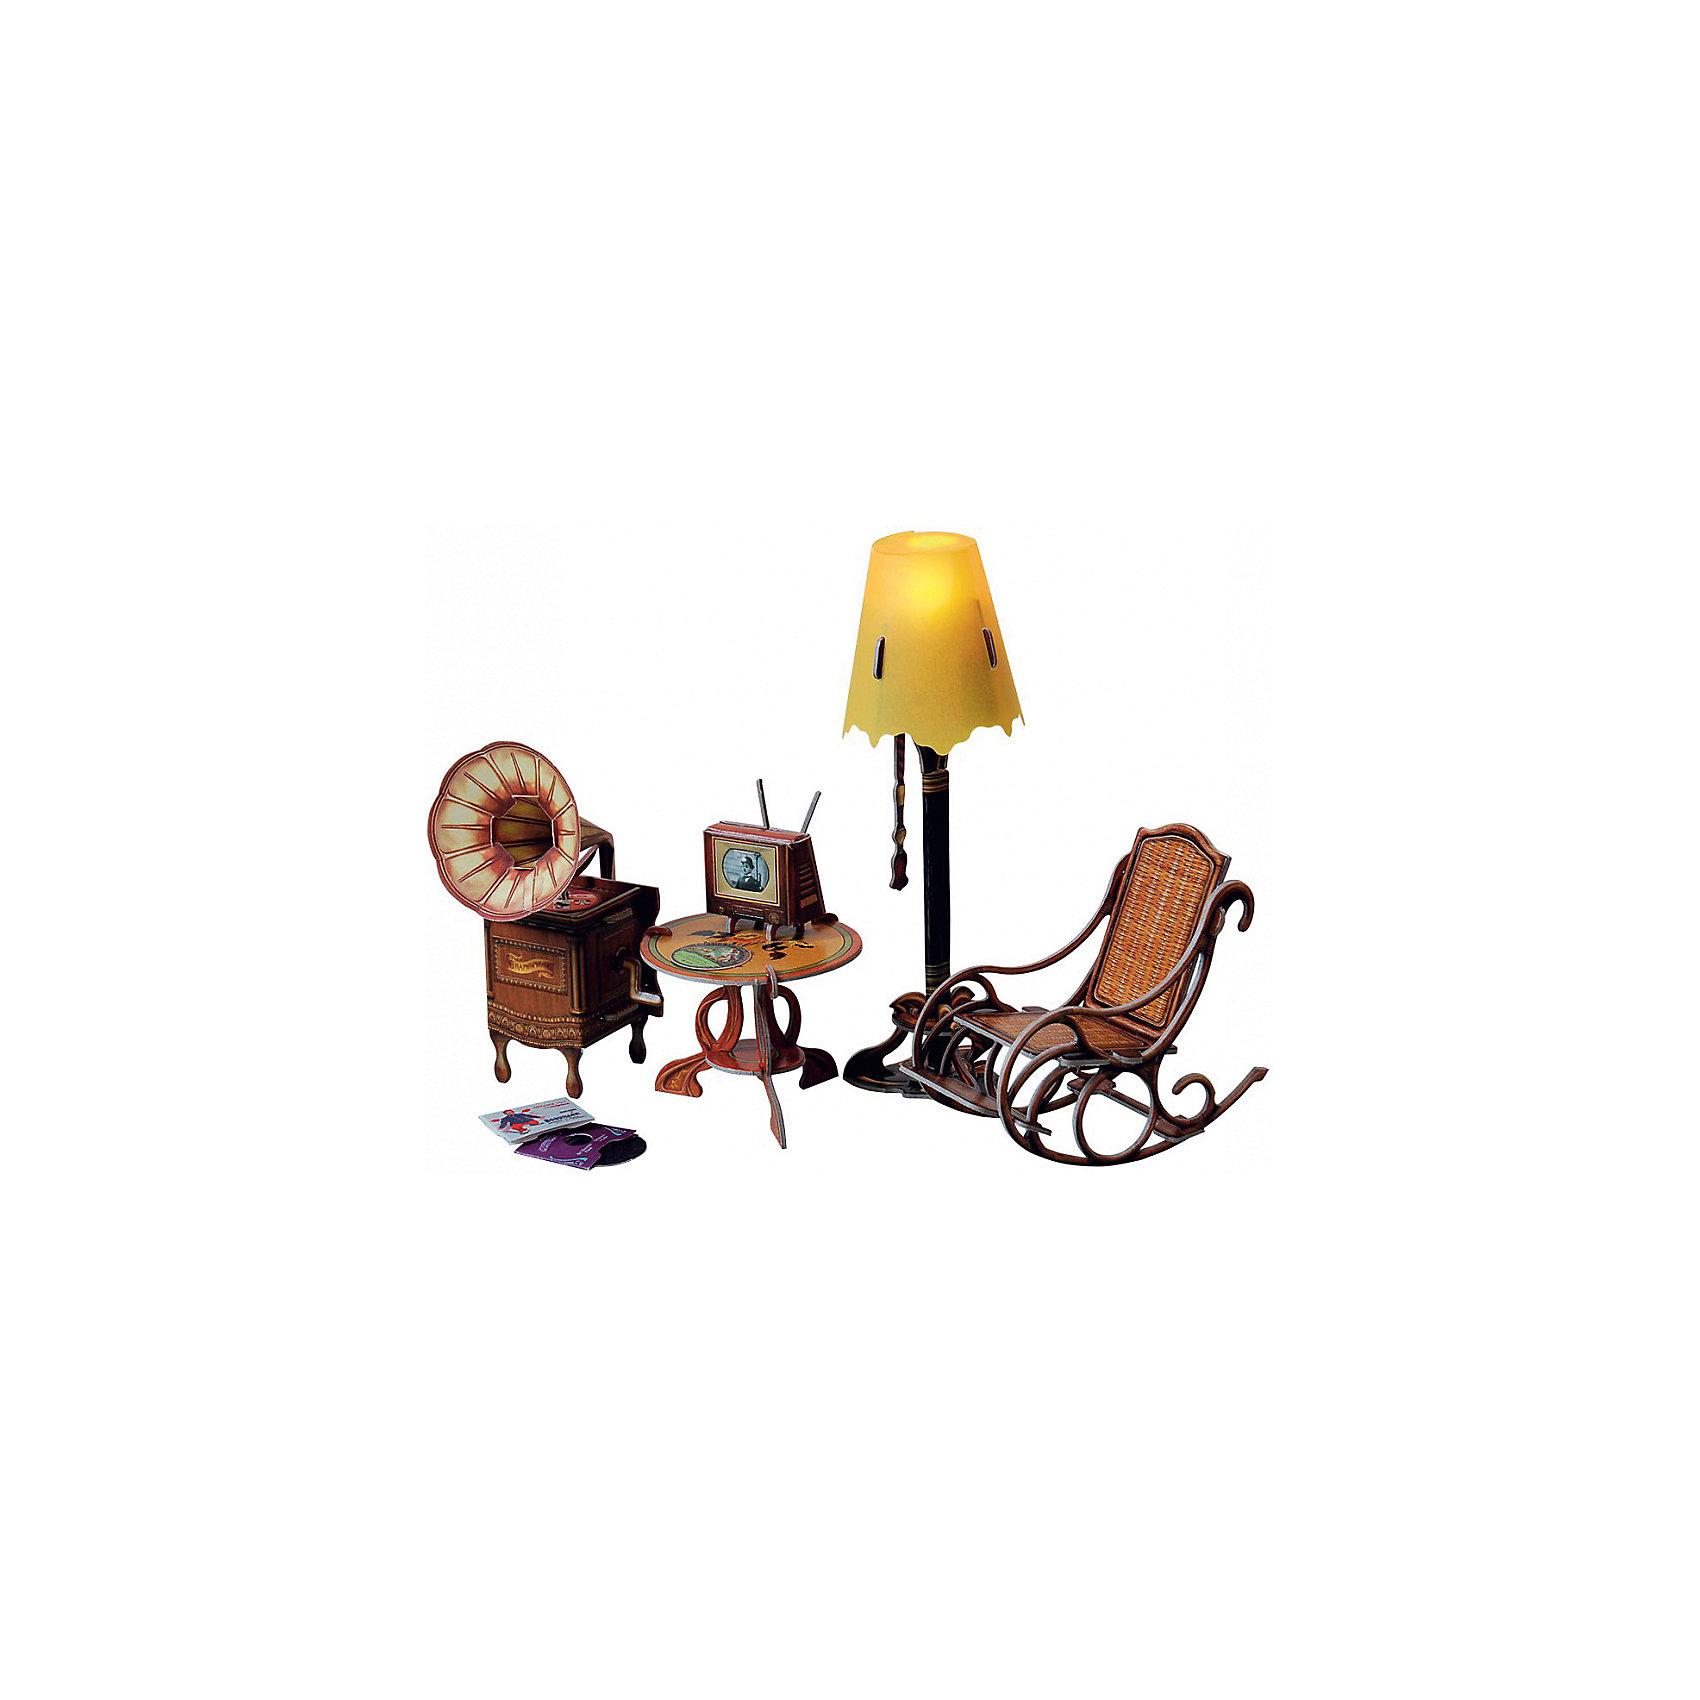 Сборная модель Торшер с обстановкойМодели из картона и бумаги<br>Торшер и обстановка - Сюжетный игровой набор из плотного картона. Серия: Кукольный дом и мебель. Количество деталей, шт: 42. Размер в собранном виде, см: Торшер - 17 х 5,5 х 5,5. Граммофон - 11,5 х 5,5 х 7. Кресло - 9 х 5 х 10,5. Столик - 5,5 х 6,5 х 6,5. Телевизор - 4 х 3,5 х 3.. Размер упаковки, мм.:  высота 264 ширина 180 глубина 19. Тип упаковки: Картонная коробка. Вес, гр.: 166. Возраст: от 7 лет. Все модели и игрушки, созданные по технологии УМНАЯ БУМАГА собираются без ножниц и клея, что является их неповторимой особенностью.<br>Принцип соединения деталей запатентован. Соединения деталей продуманы и просчитаны с такой точностью, что при правильной сборке с моделью можно играть, как с обычной игрушкой.<br><br>Ширина мм: 180<br>Глубина мм: 19<br>Высота мм: 264<br>Вес г: 166<br>Возраст от месяцев: 84<br>Возраст до месяцев: 2147483647<br>Пол: Унисекс<br>Возраст: Детский<br>SKU: 4807415